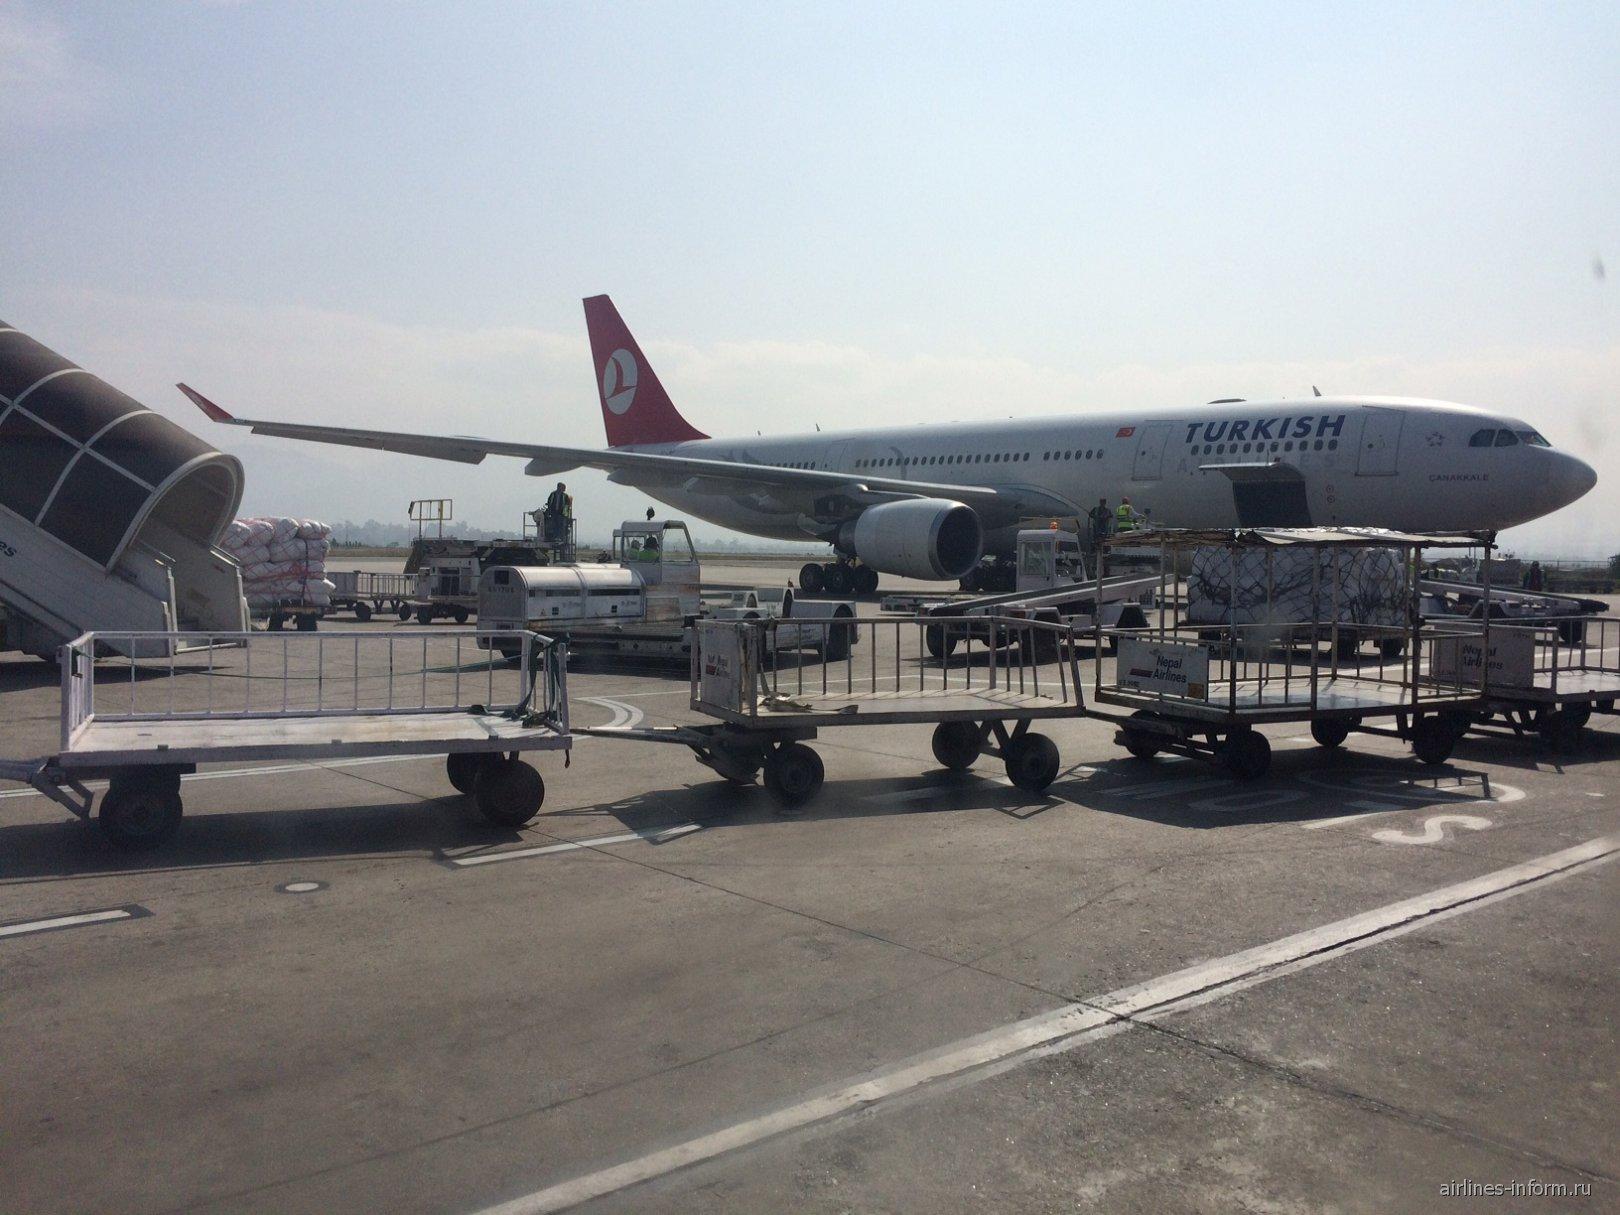 Airbus A330-200 Турецких авиалиний в аэропорту Катманду